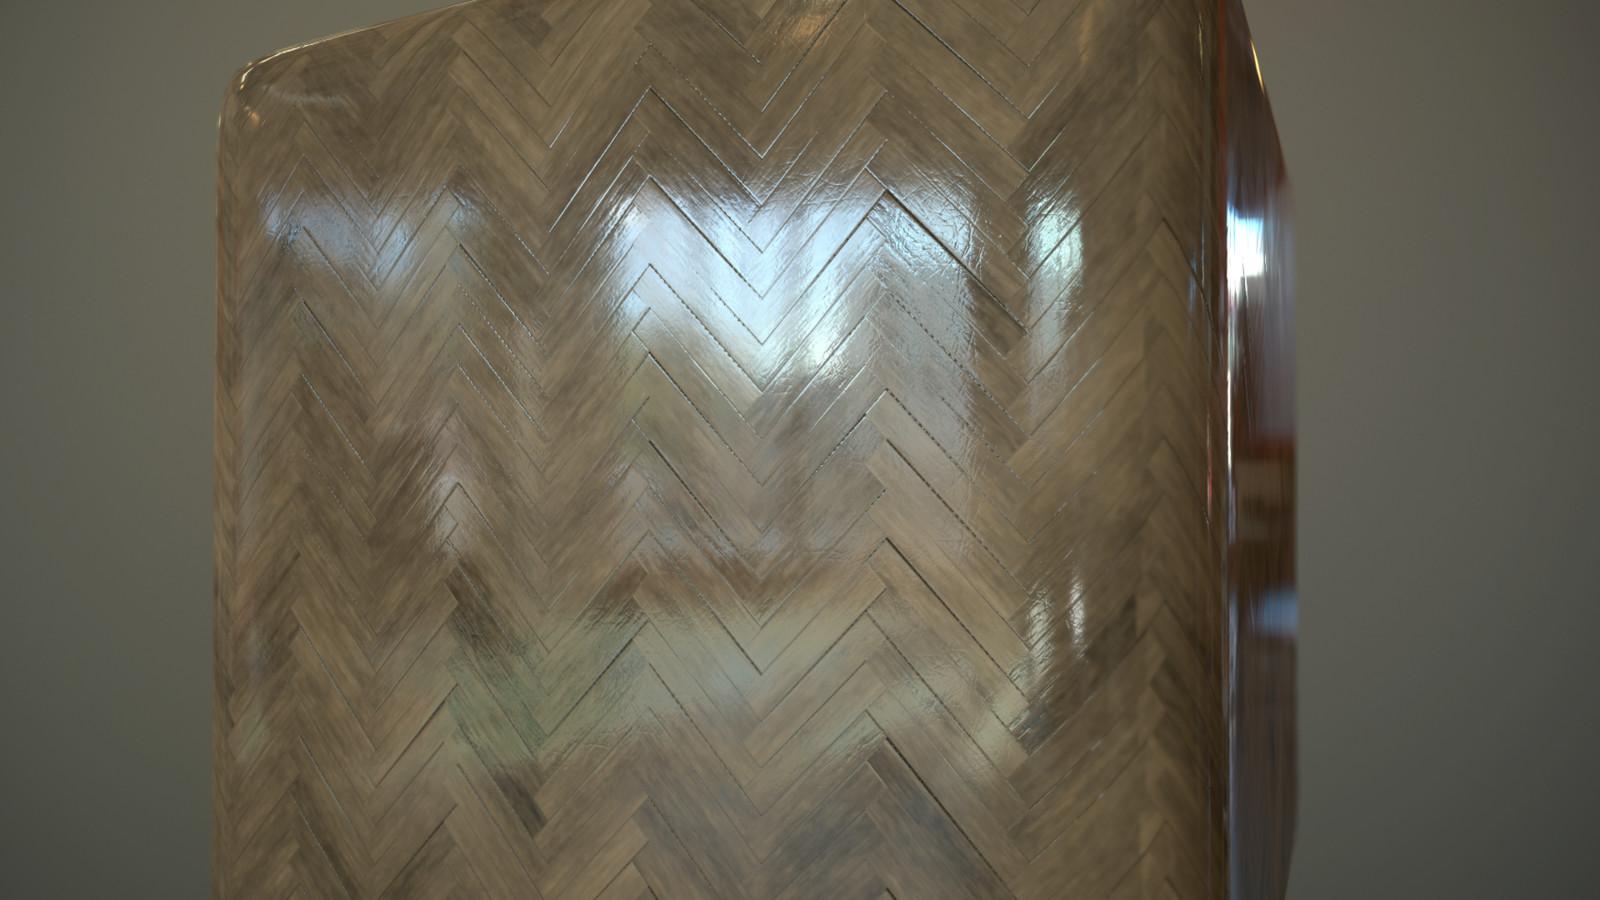 Tileable Parquet Material Design